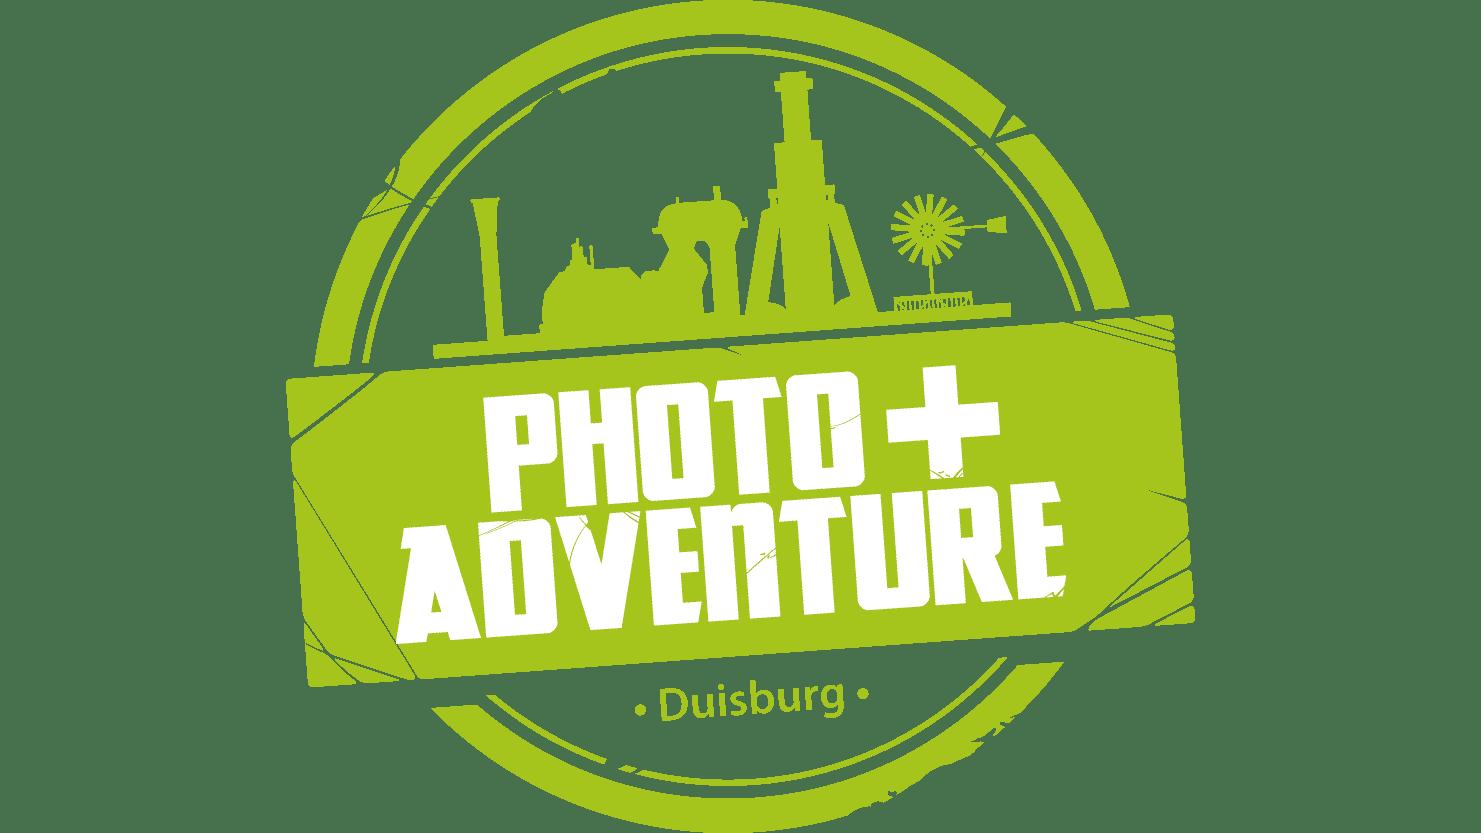 c't Fotografie verlost 20 Karten für die Photo+Adventure